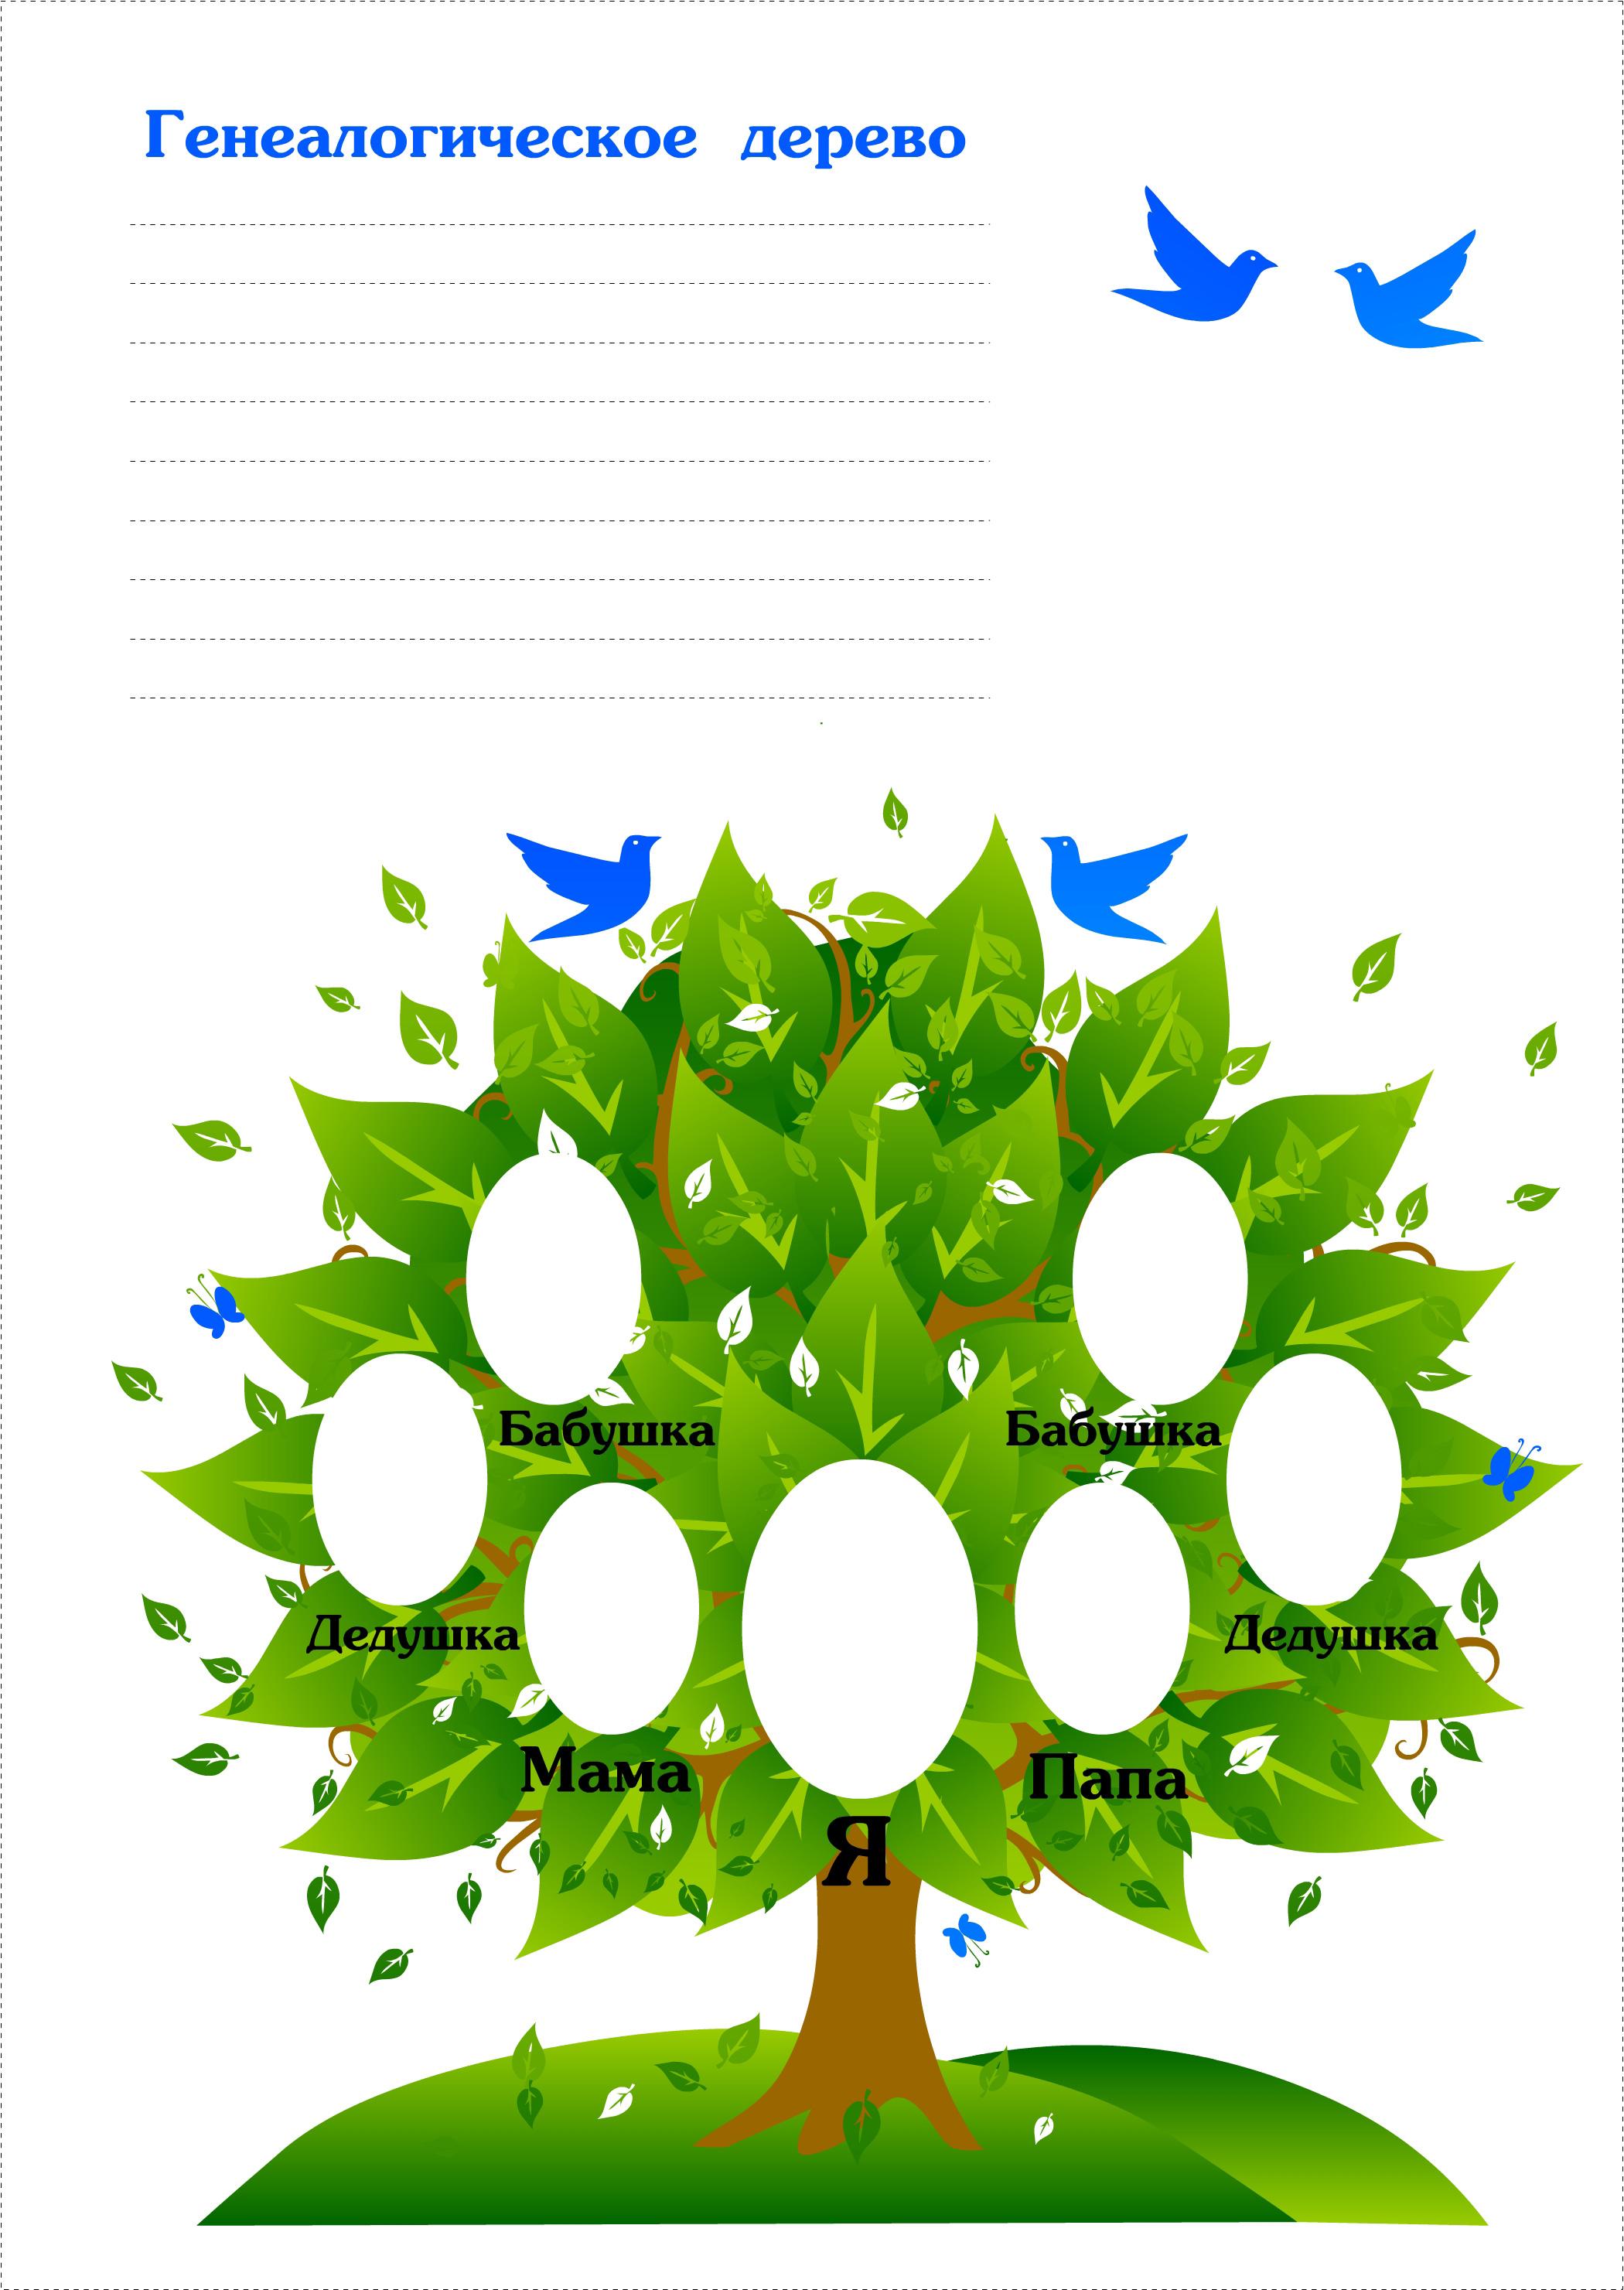 У Тиреллов генеалогическое дерево очень ветвистое, и чтоб избежать 16 апр 2013 Игра престолов на WomanJournal.ru...